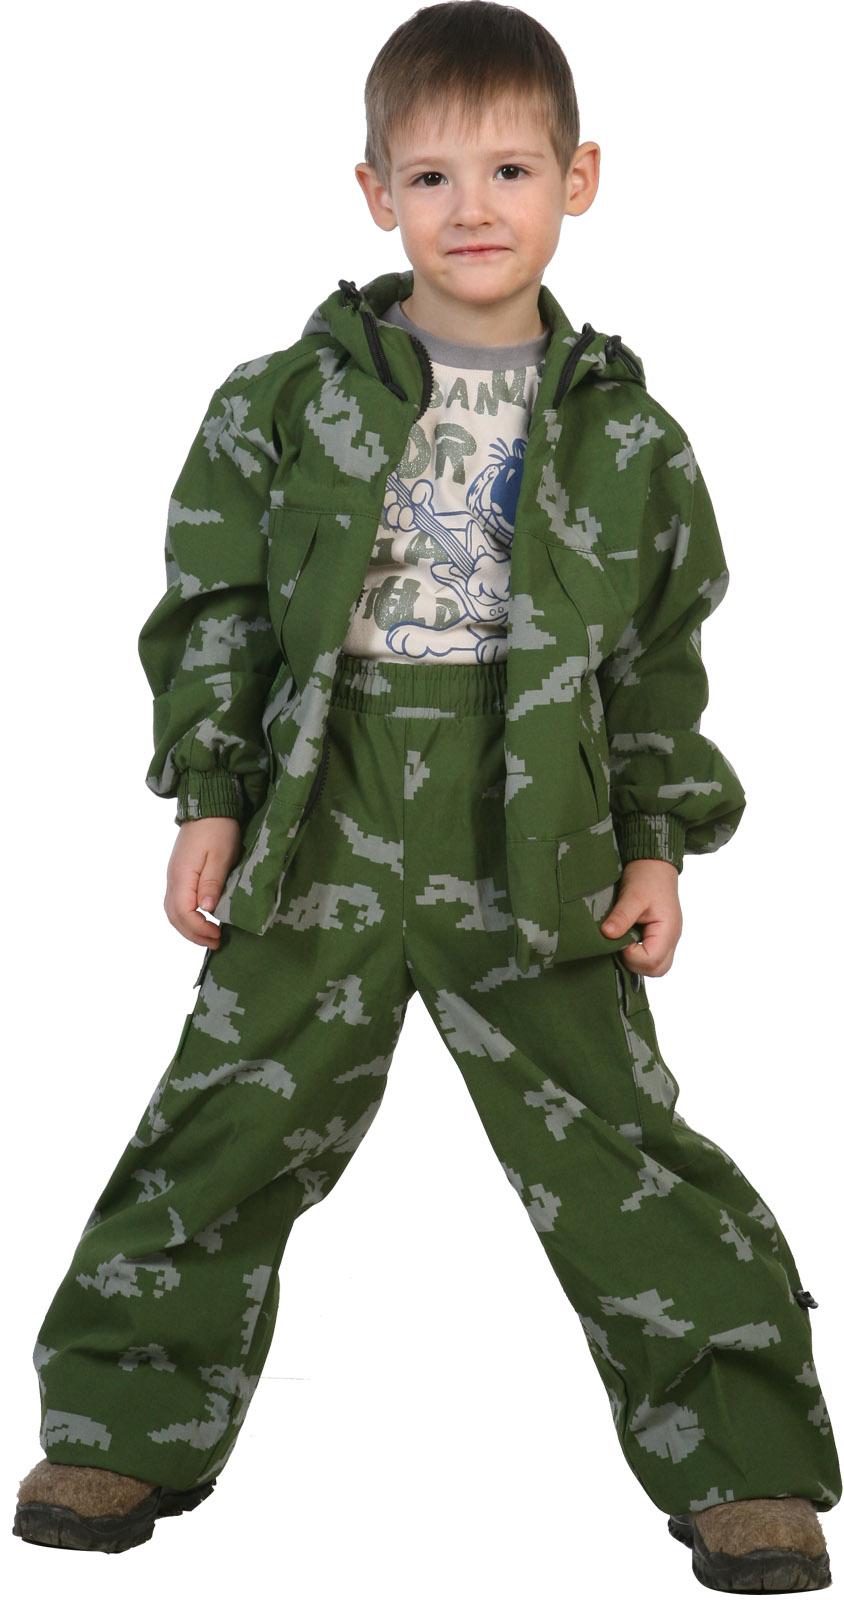 Костюм детский Казаки-Разбойники (116)Костюмы неутепленные<br>Костюм летний 100%х/б - центральная застежка <br>на молнию; - капюшон с регулировкой лицевой <br>части по высоте резиновым шнуром с фиксаторами; <br>- манжет рукава с эластичной тесьмой; - регулировка <br>низа куртки и брюк по ширине резиновым шнуром; <br>- количество карманов - 4.<br><br>Пол: унисекс<br>Рост: 116<br>Сезон: лето<br>Материал: хлопок